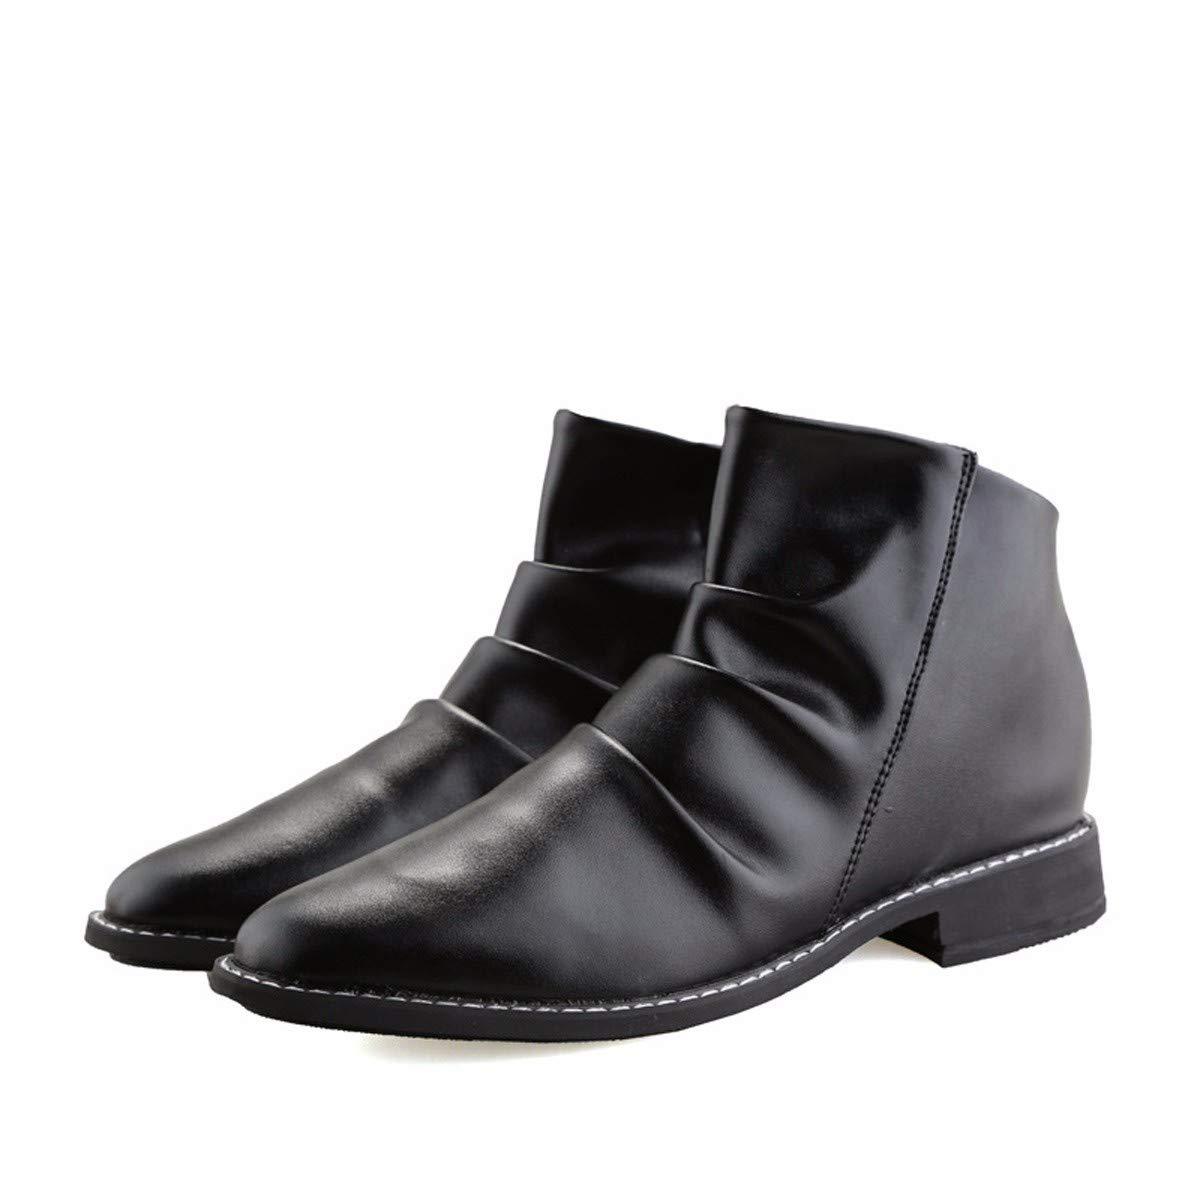 KMJBS-Mode Lässige Stiefel Britische GAO Peng Martin Lederstiefel Männer Khaki.40